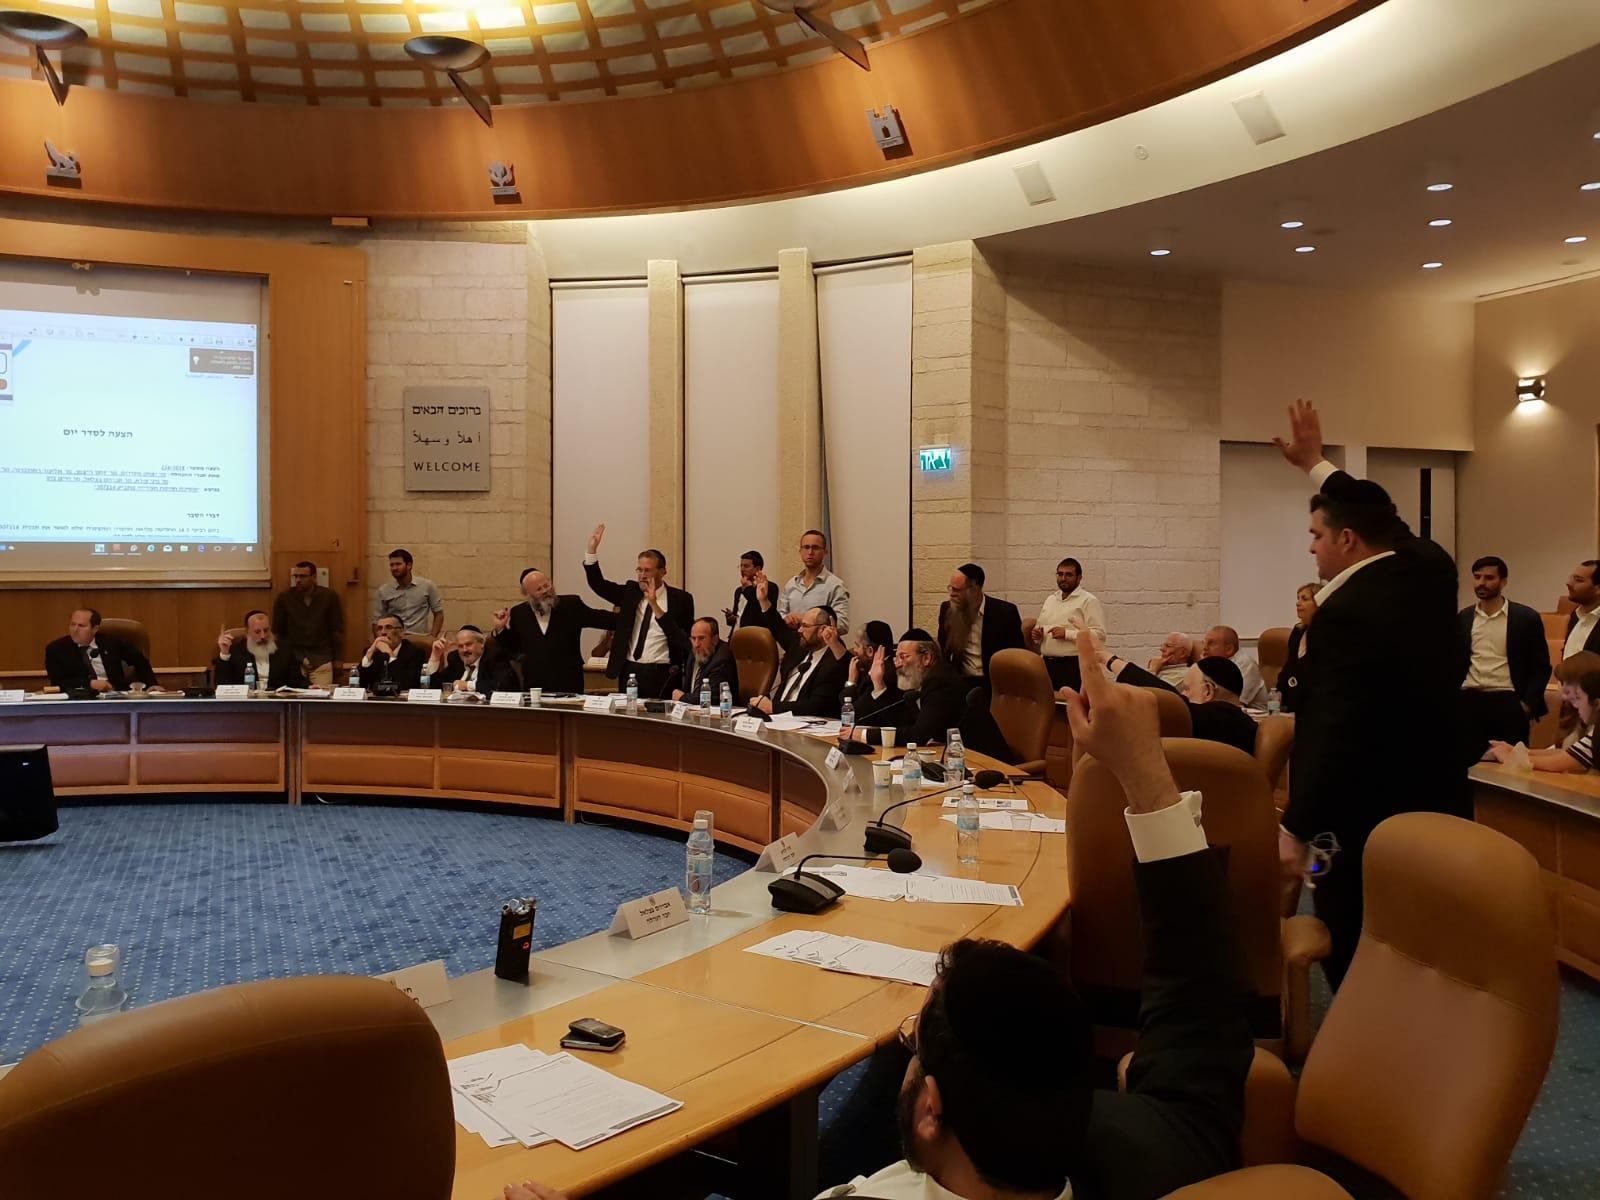 החרדים בי-ם בודקים: פרוטוקול הישיבה זוייף?